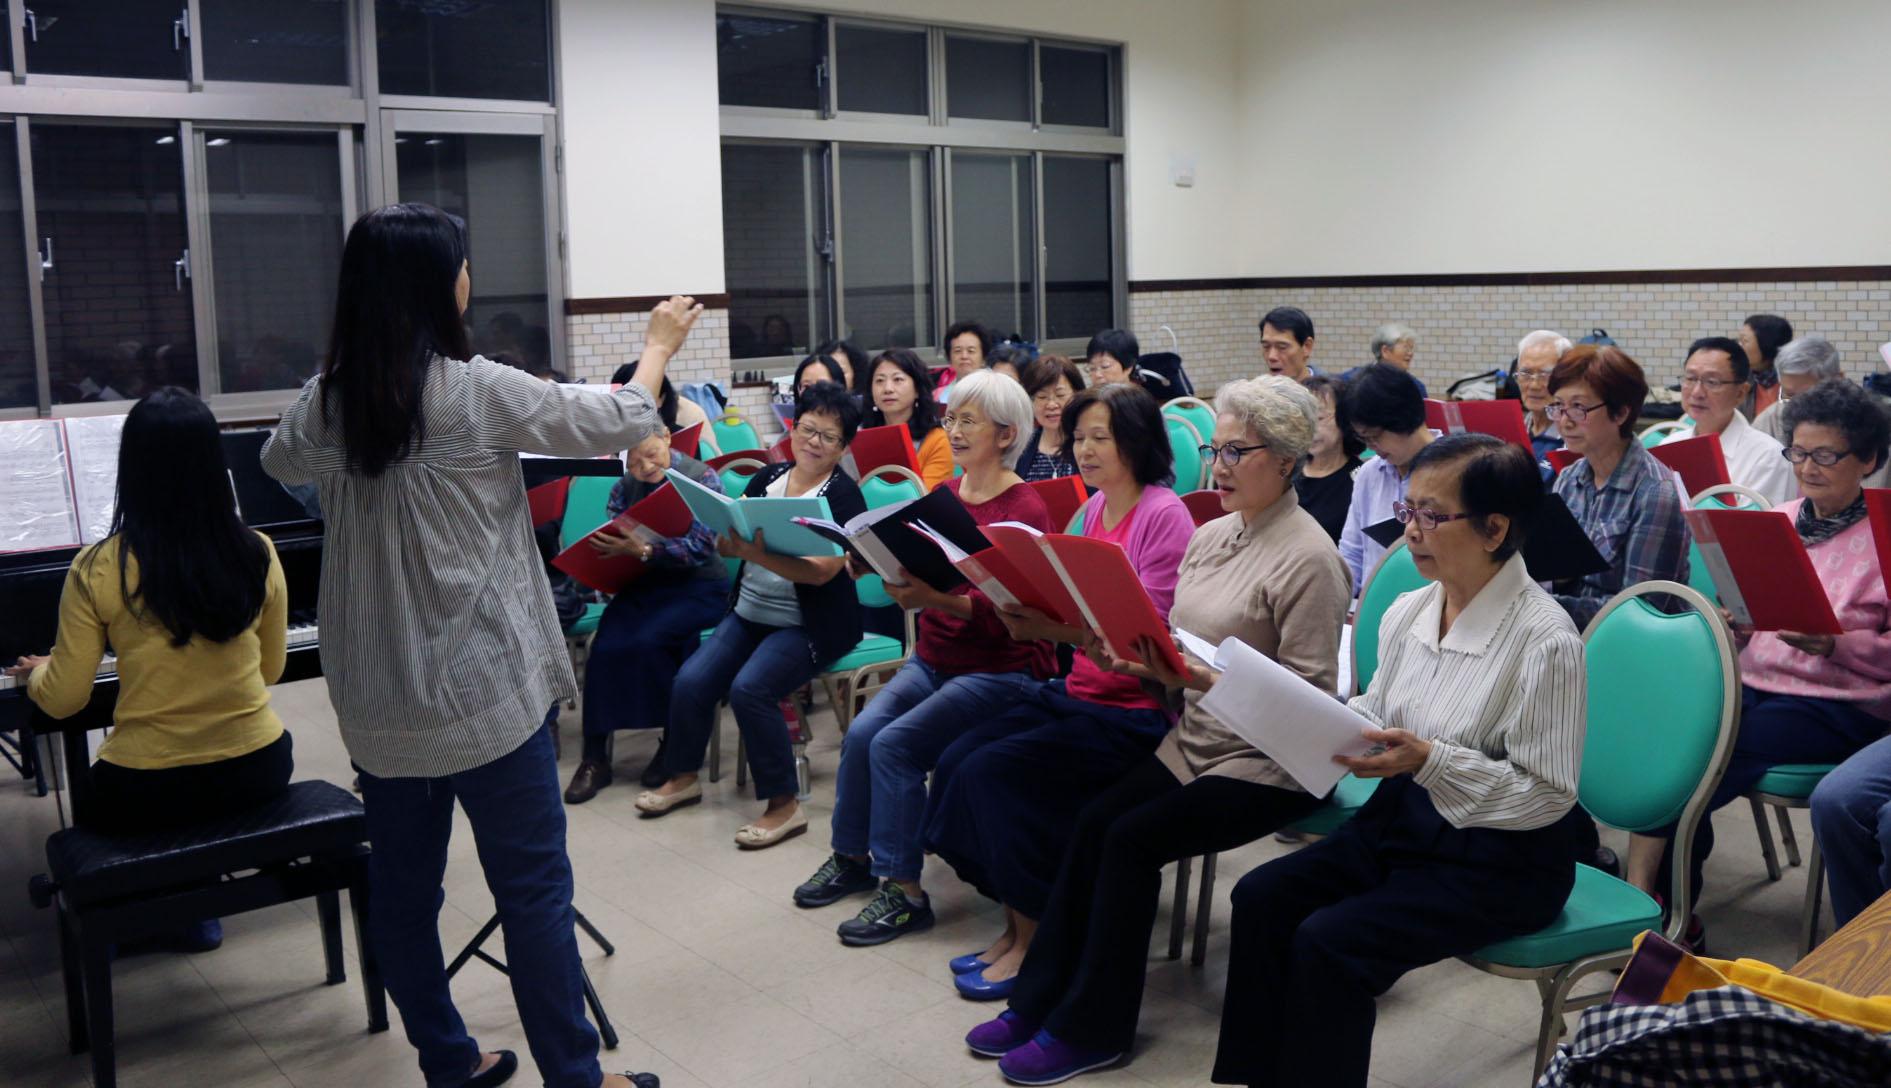 合唱課深受喜愛,外聘專業老師給予授課。攝影/劉建佑